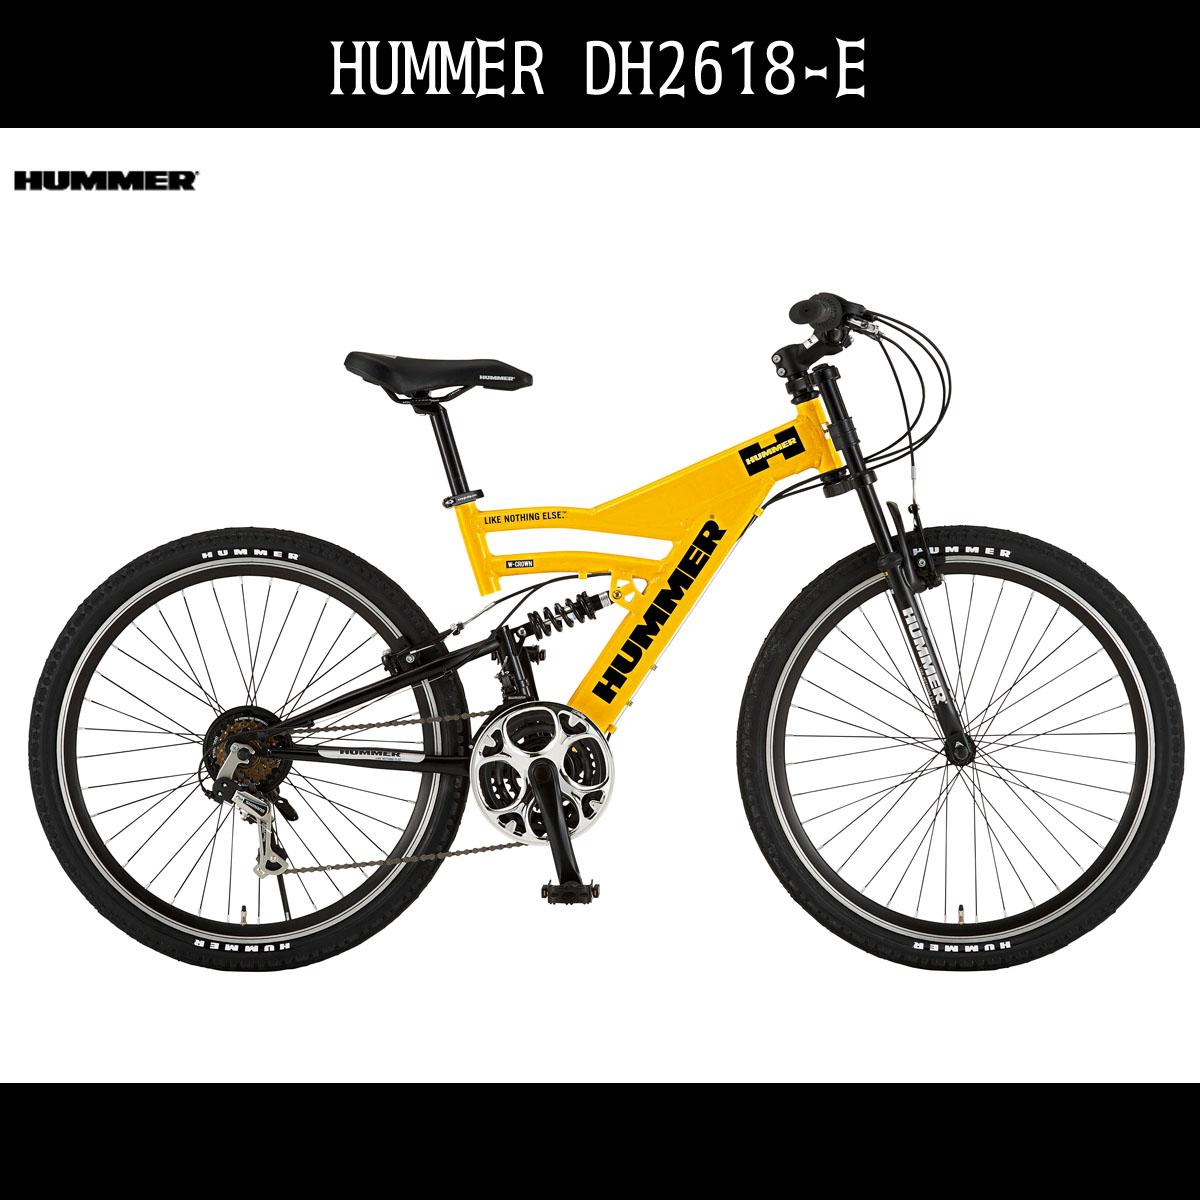 新品同様 2台セット販売 マウンテンバイク MTB ハマー HUMMER 自転車 イエロー黄色26インチ HUMMER マウンテンバイク ハマー おしゃれ 外装18段変速ギア アルミ MTB DH2618-E アルミニウム ギア付 通販 おしゃれ, 金婚式 還暦 祝い 書き下ろし館:4273718a --- canoncity.azurewebsites.net